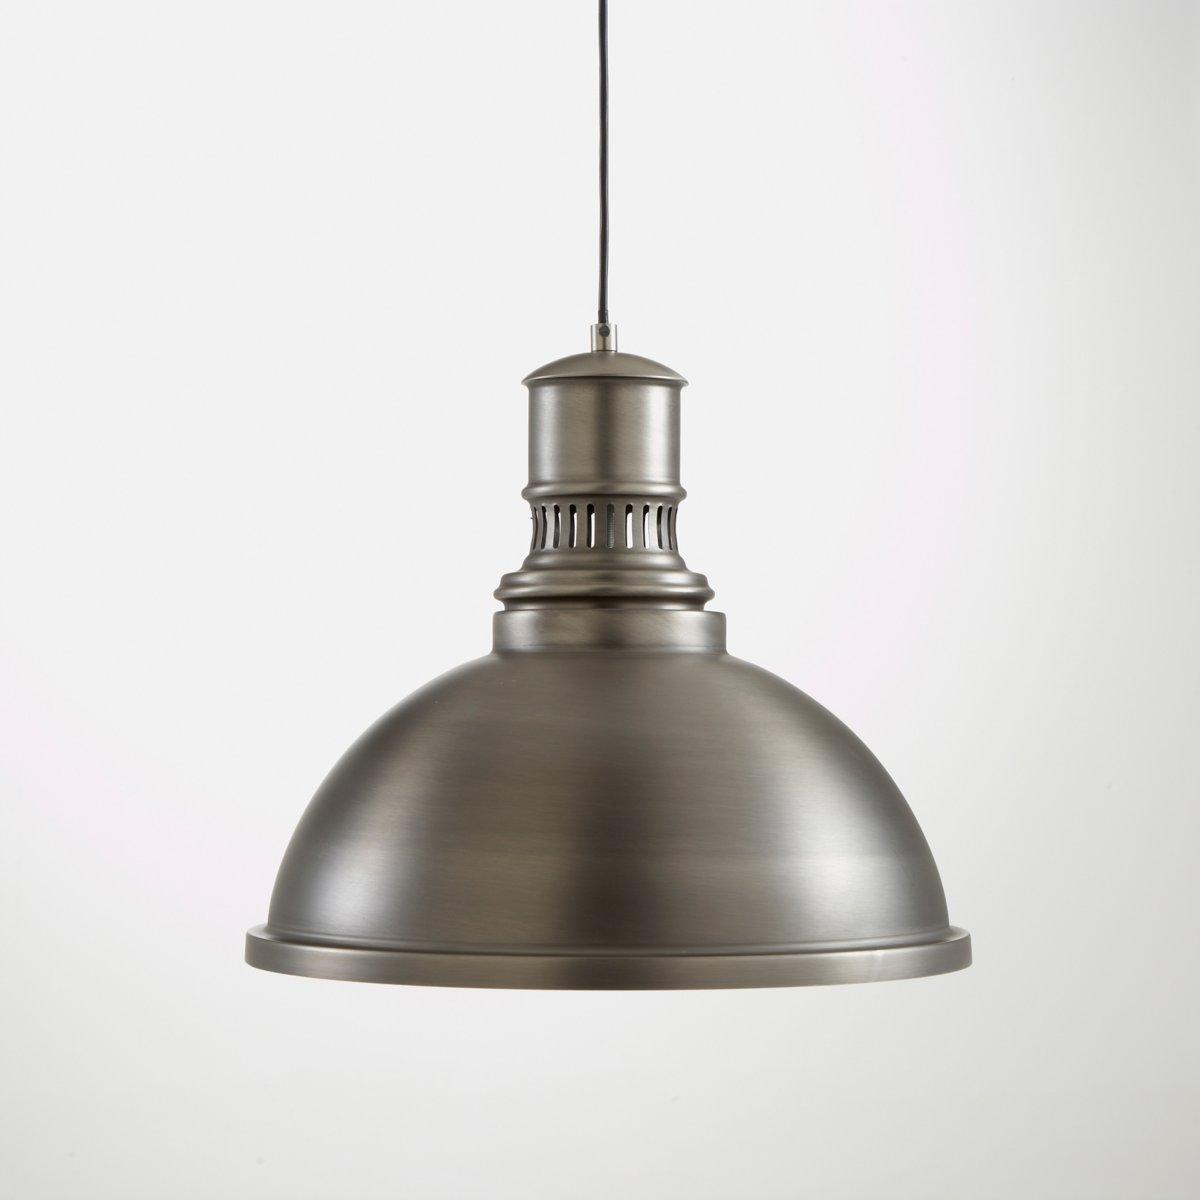 Светильник в индустриальном стиле из металла, LiziaСветильник в индустриальном стиле из металла, Lizia. Его элегантный дизайн будет хорошо смотреться как в современном, так и в винтажном интерьере Описание светильника , Lizia  :Патрон E27 для лампочки макс 60W (не входит в комплект)  .Этот светильник совместим с лампочками    энергетического класса   : A, B,C,D ,EХарактеристики светильника , Lizia  :Метал с эпоксидным покрытием бледно-зеленого цвета или метал с состаренным эффектом .Найдите коллекцию светильников на сайте laredoute.ruРазмер светильника , Lizia  :Диаметр 40 x Выс34 см<br><br>Цвет: белый,бледно-зеленый,серый металл<br>Размер: единый размер